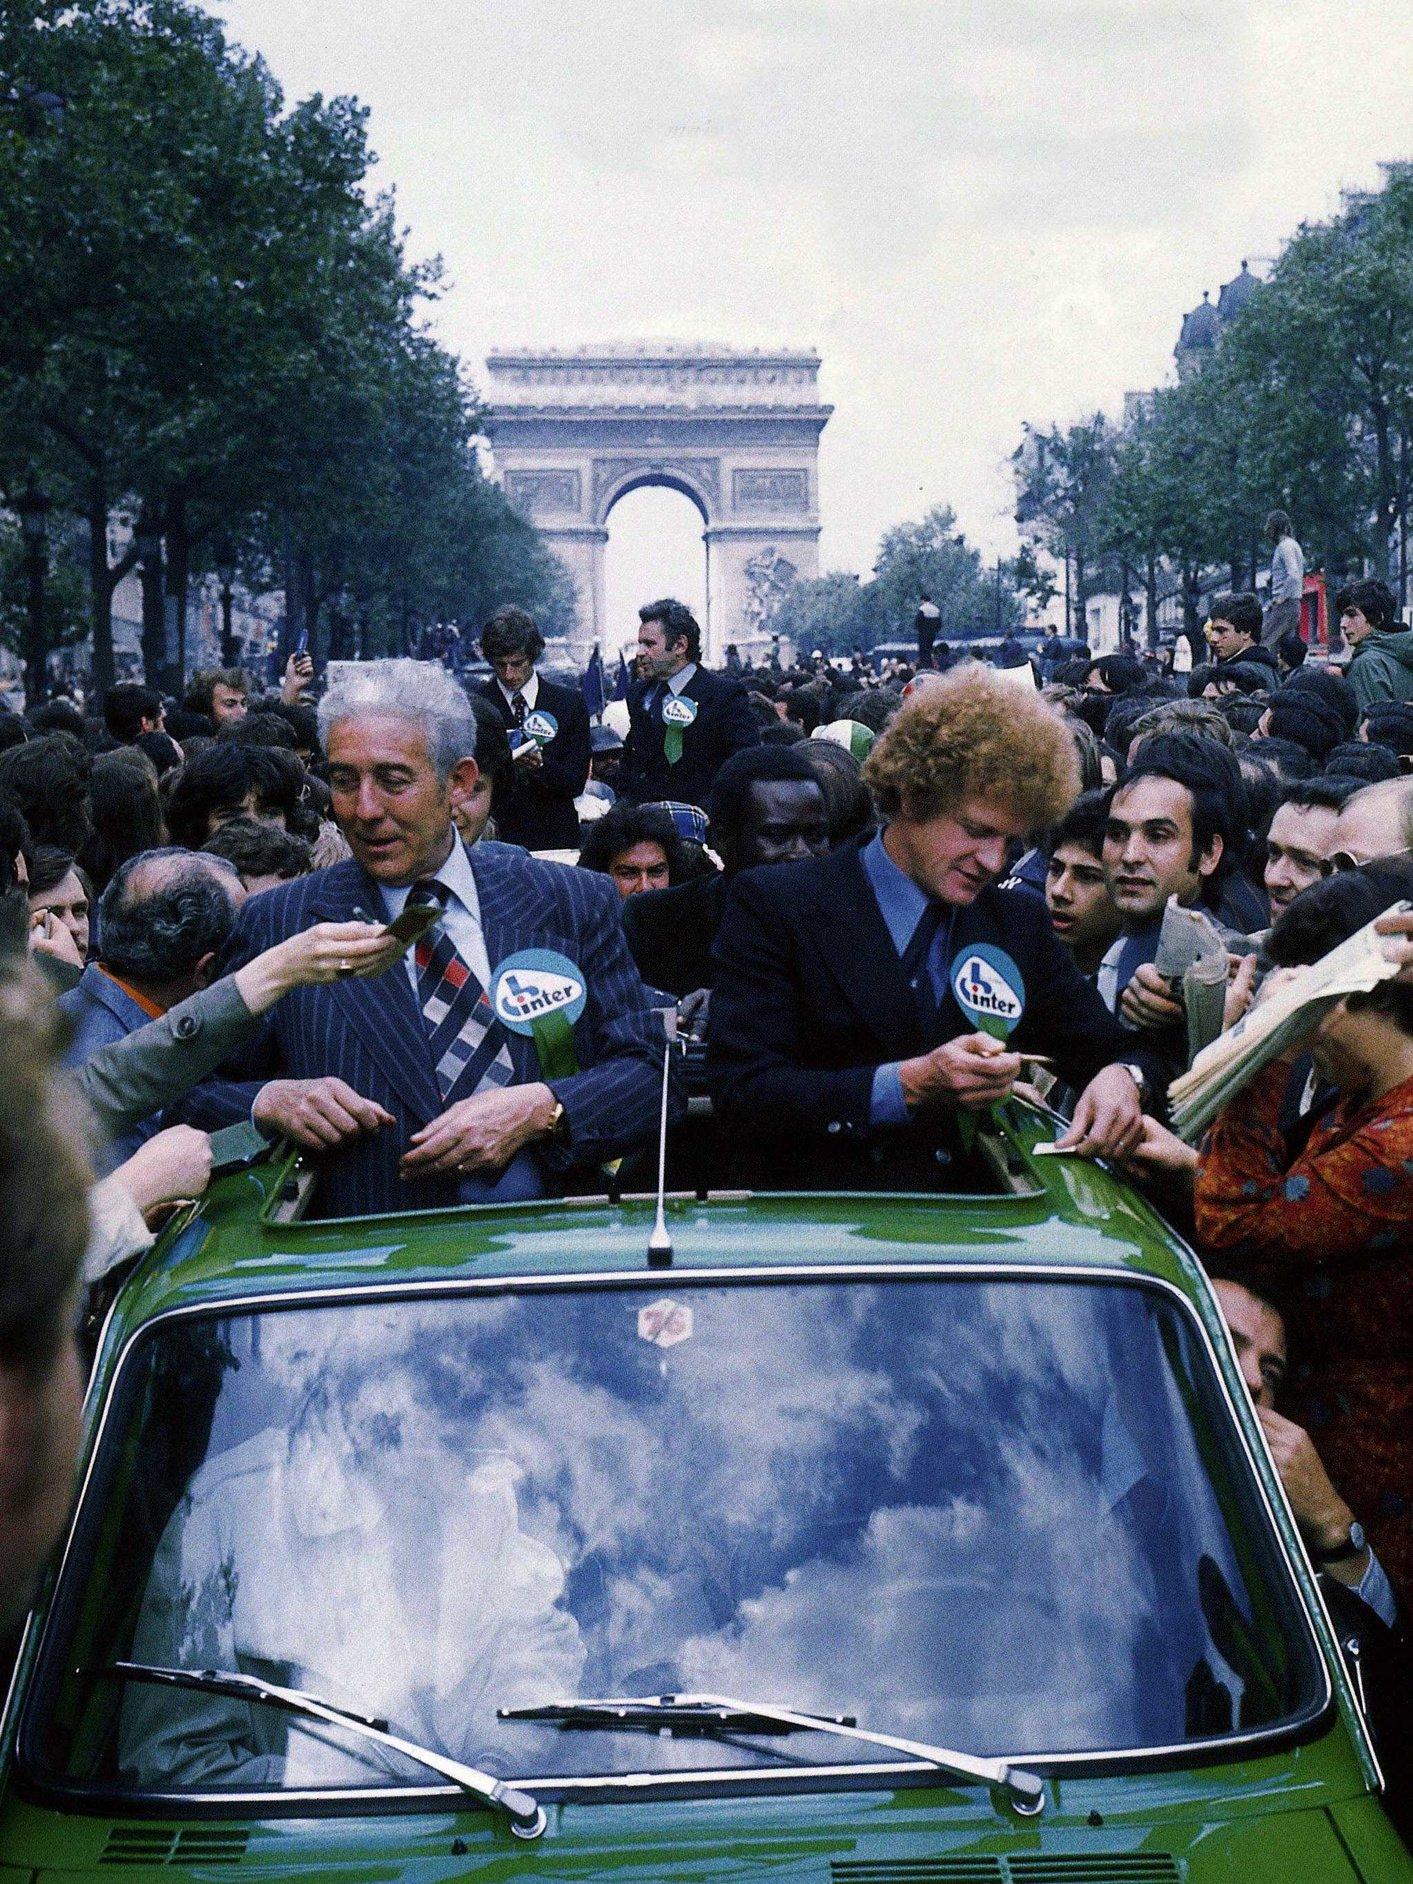 Le président Roger Rocher et le coach Robert Herbin lors de la descente des Champs-Elysées après la finale., belga